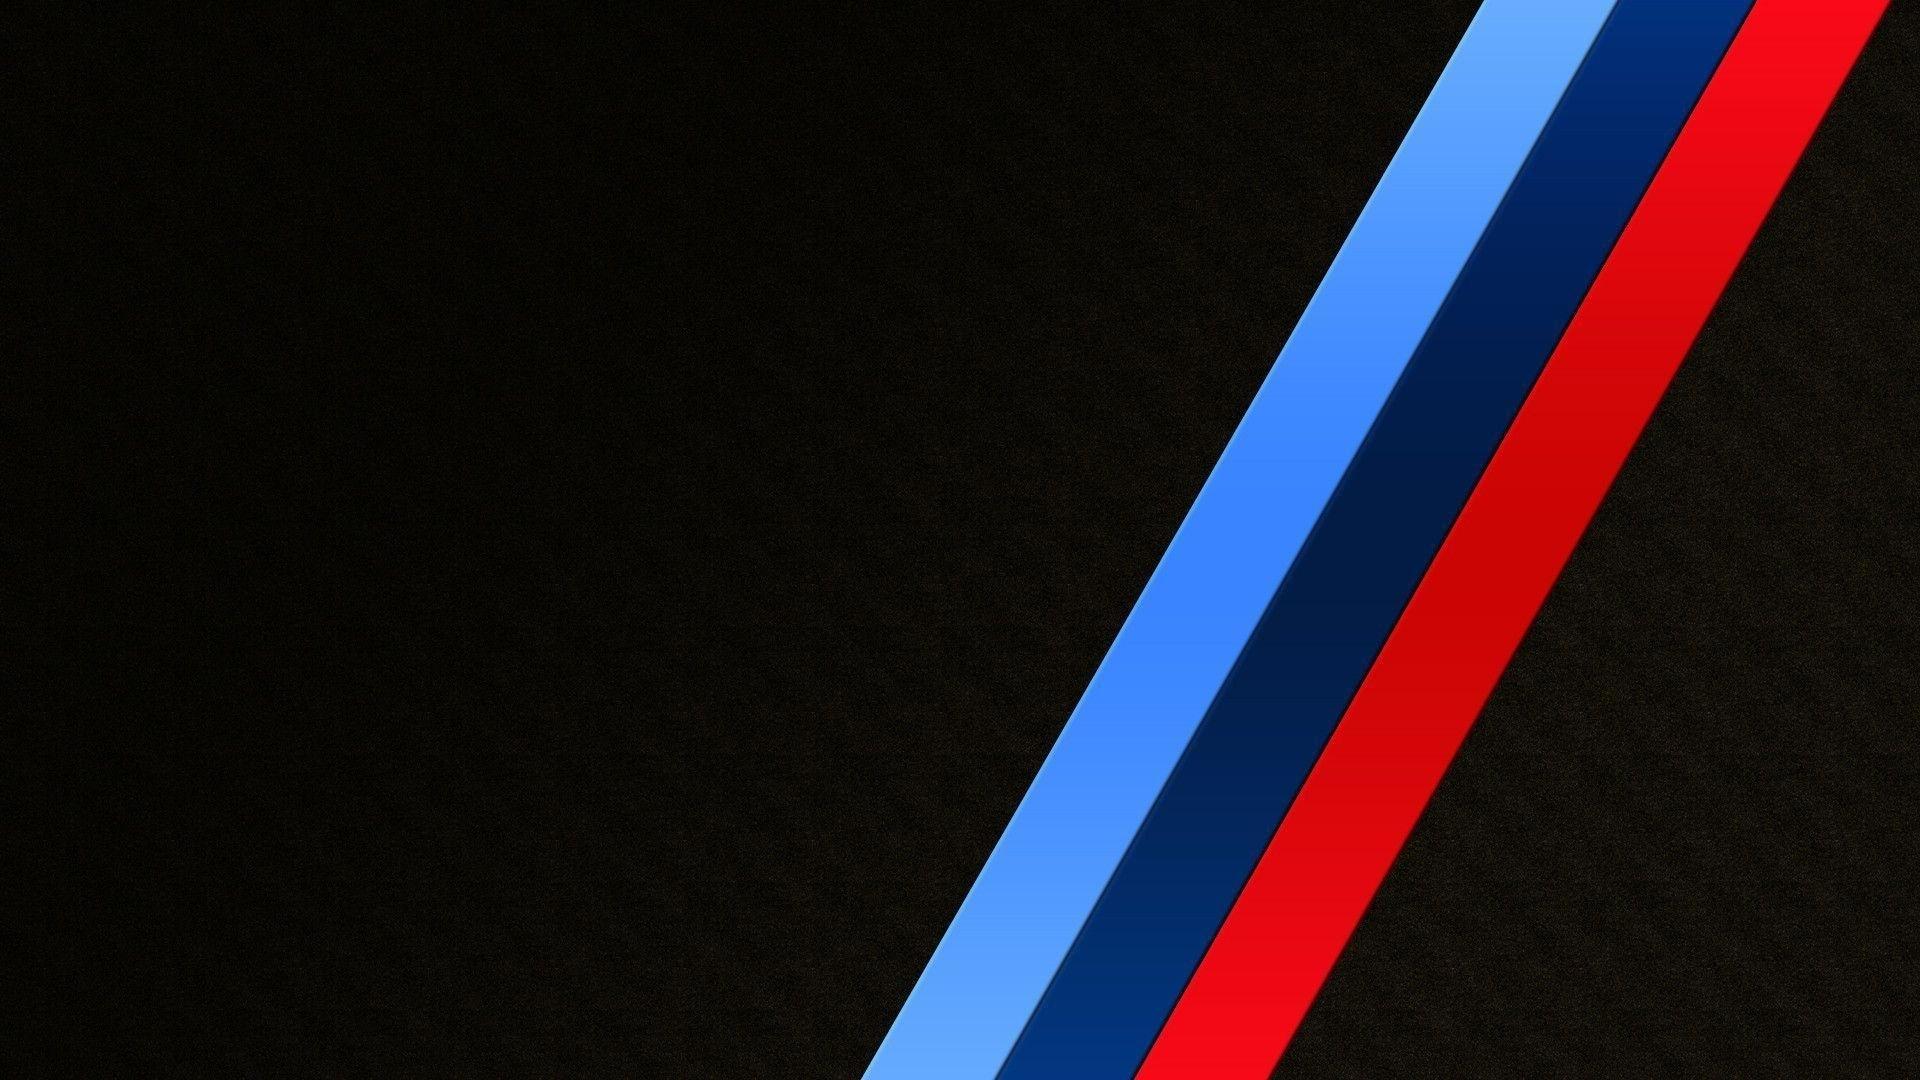 bmw m logo wallpaper ·①